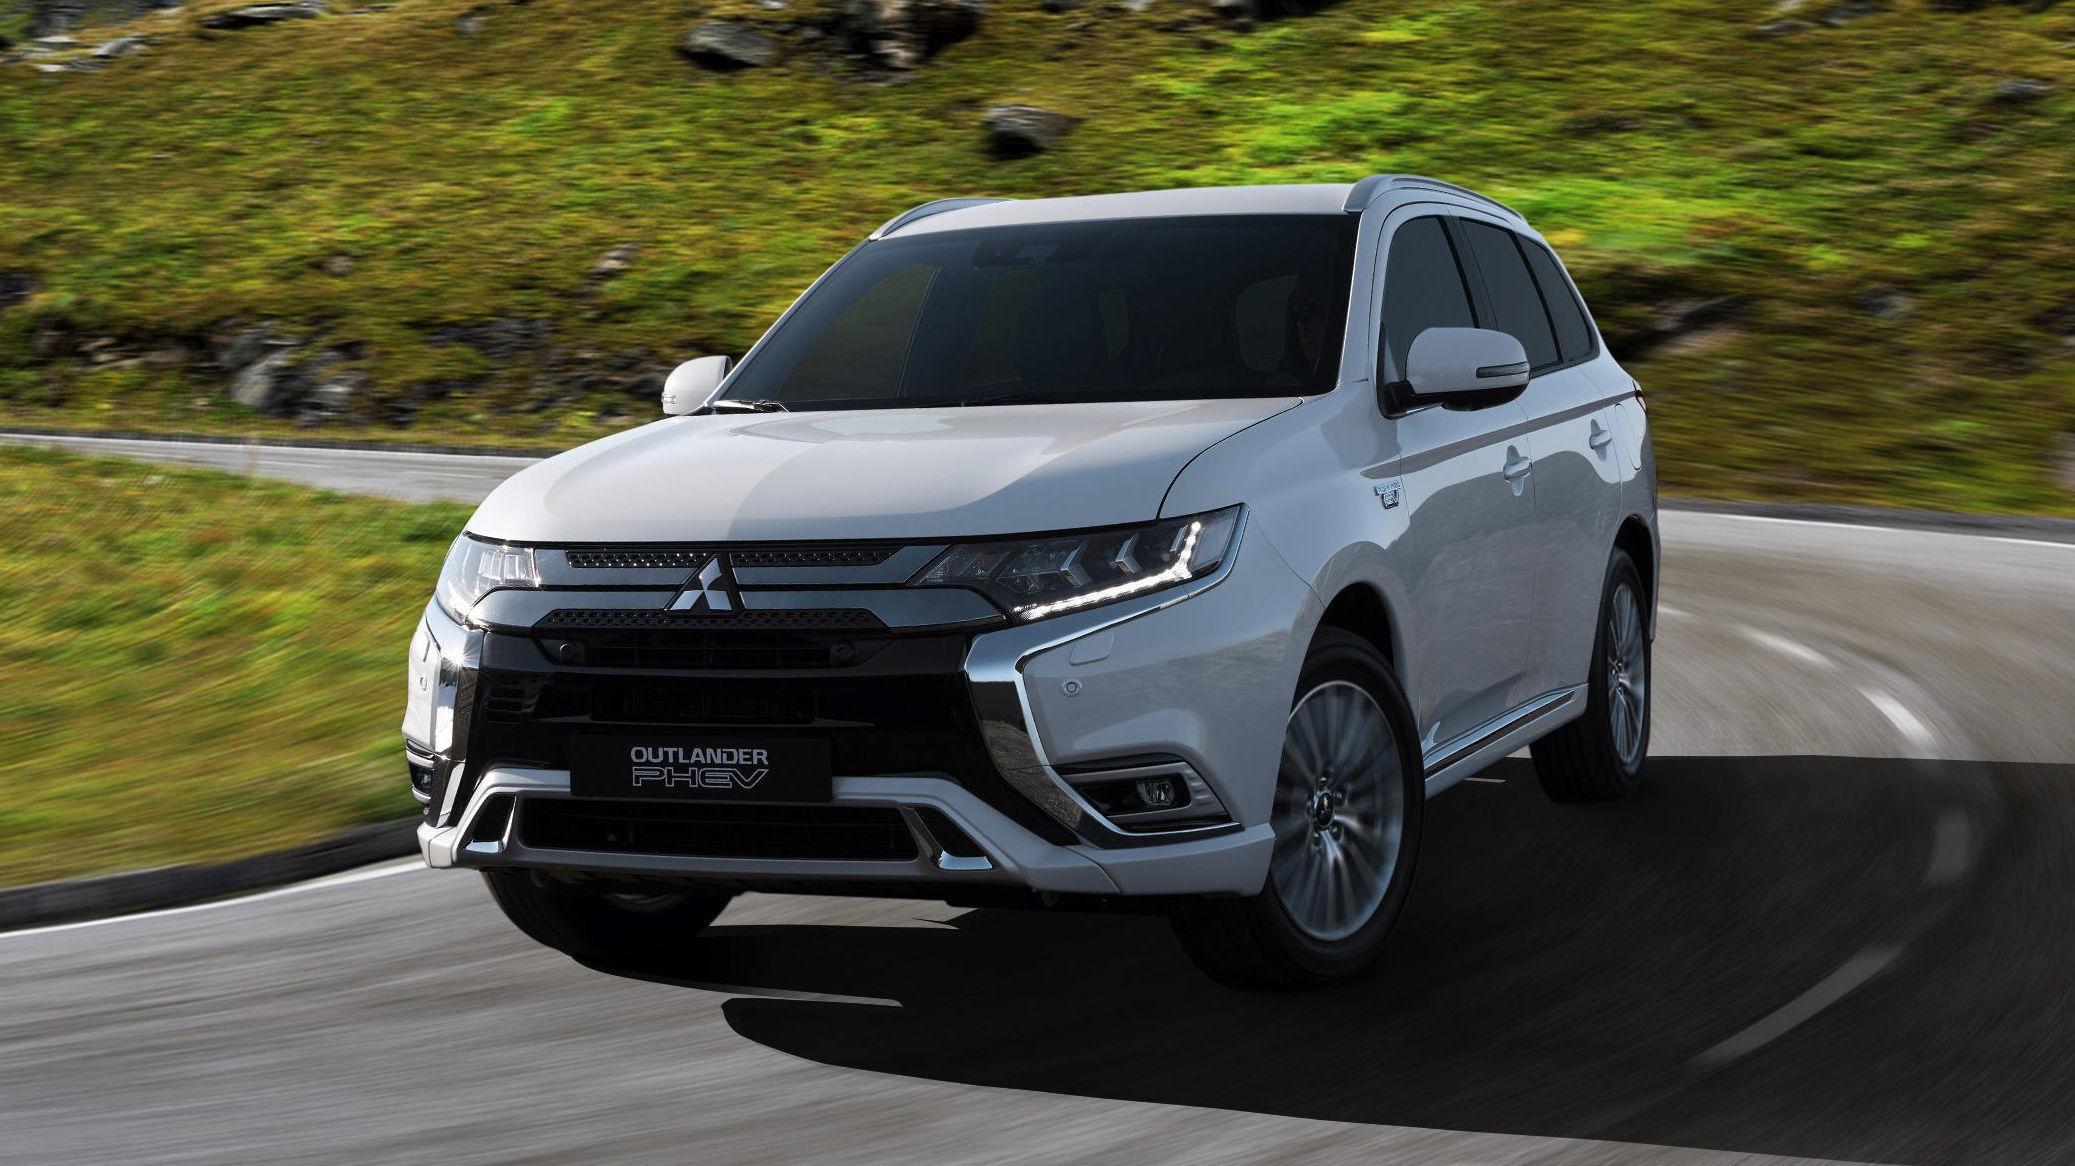 NÅDDE IKKE REKKEVIDDEN: Ingen ladbare hybrider klarte å gjenskape det offisielle tallet for elektrisk rekkevidde, i en praktisk test. Bestselgeren Mitsubishi Outlander er en av dem med størst avvik.